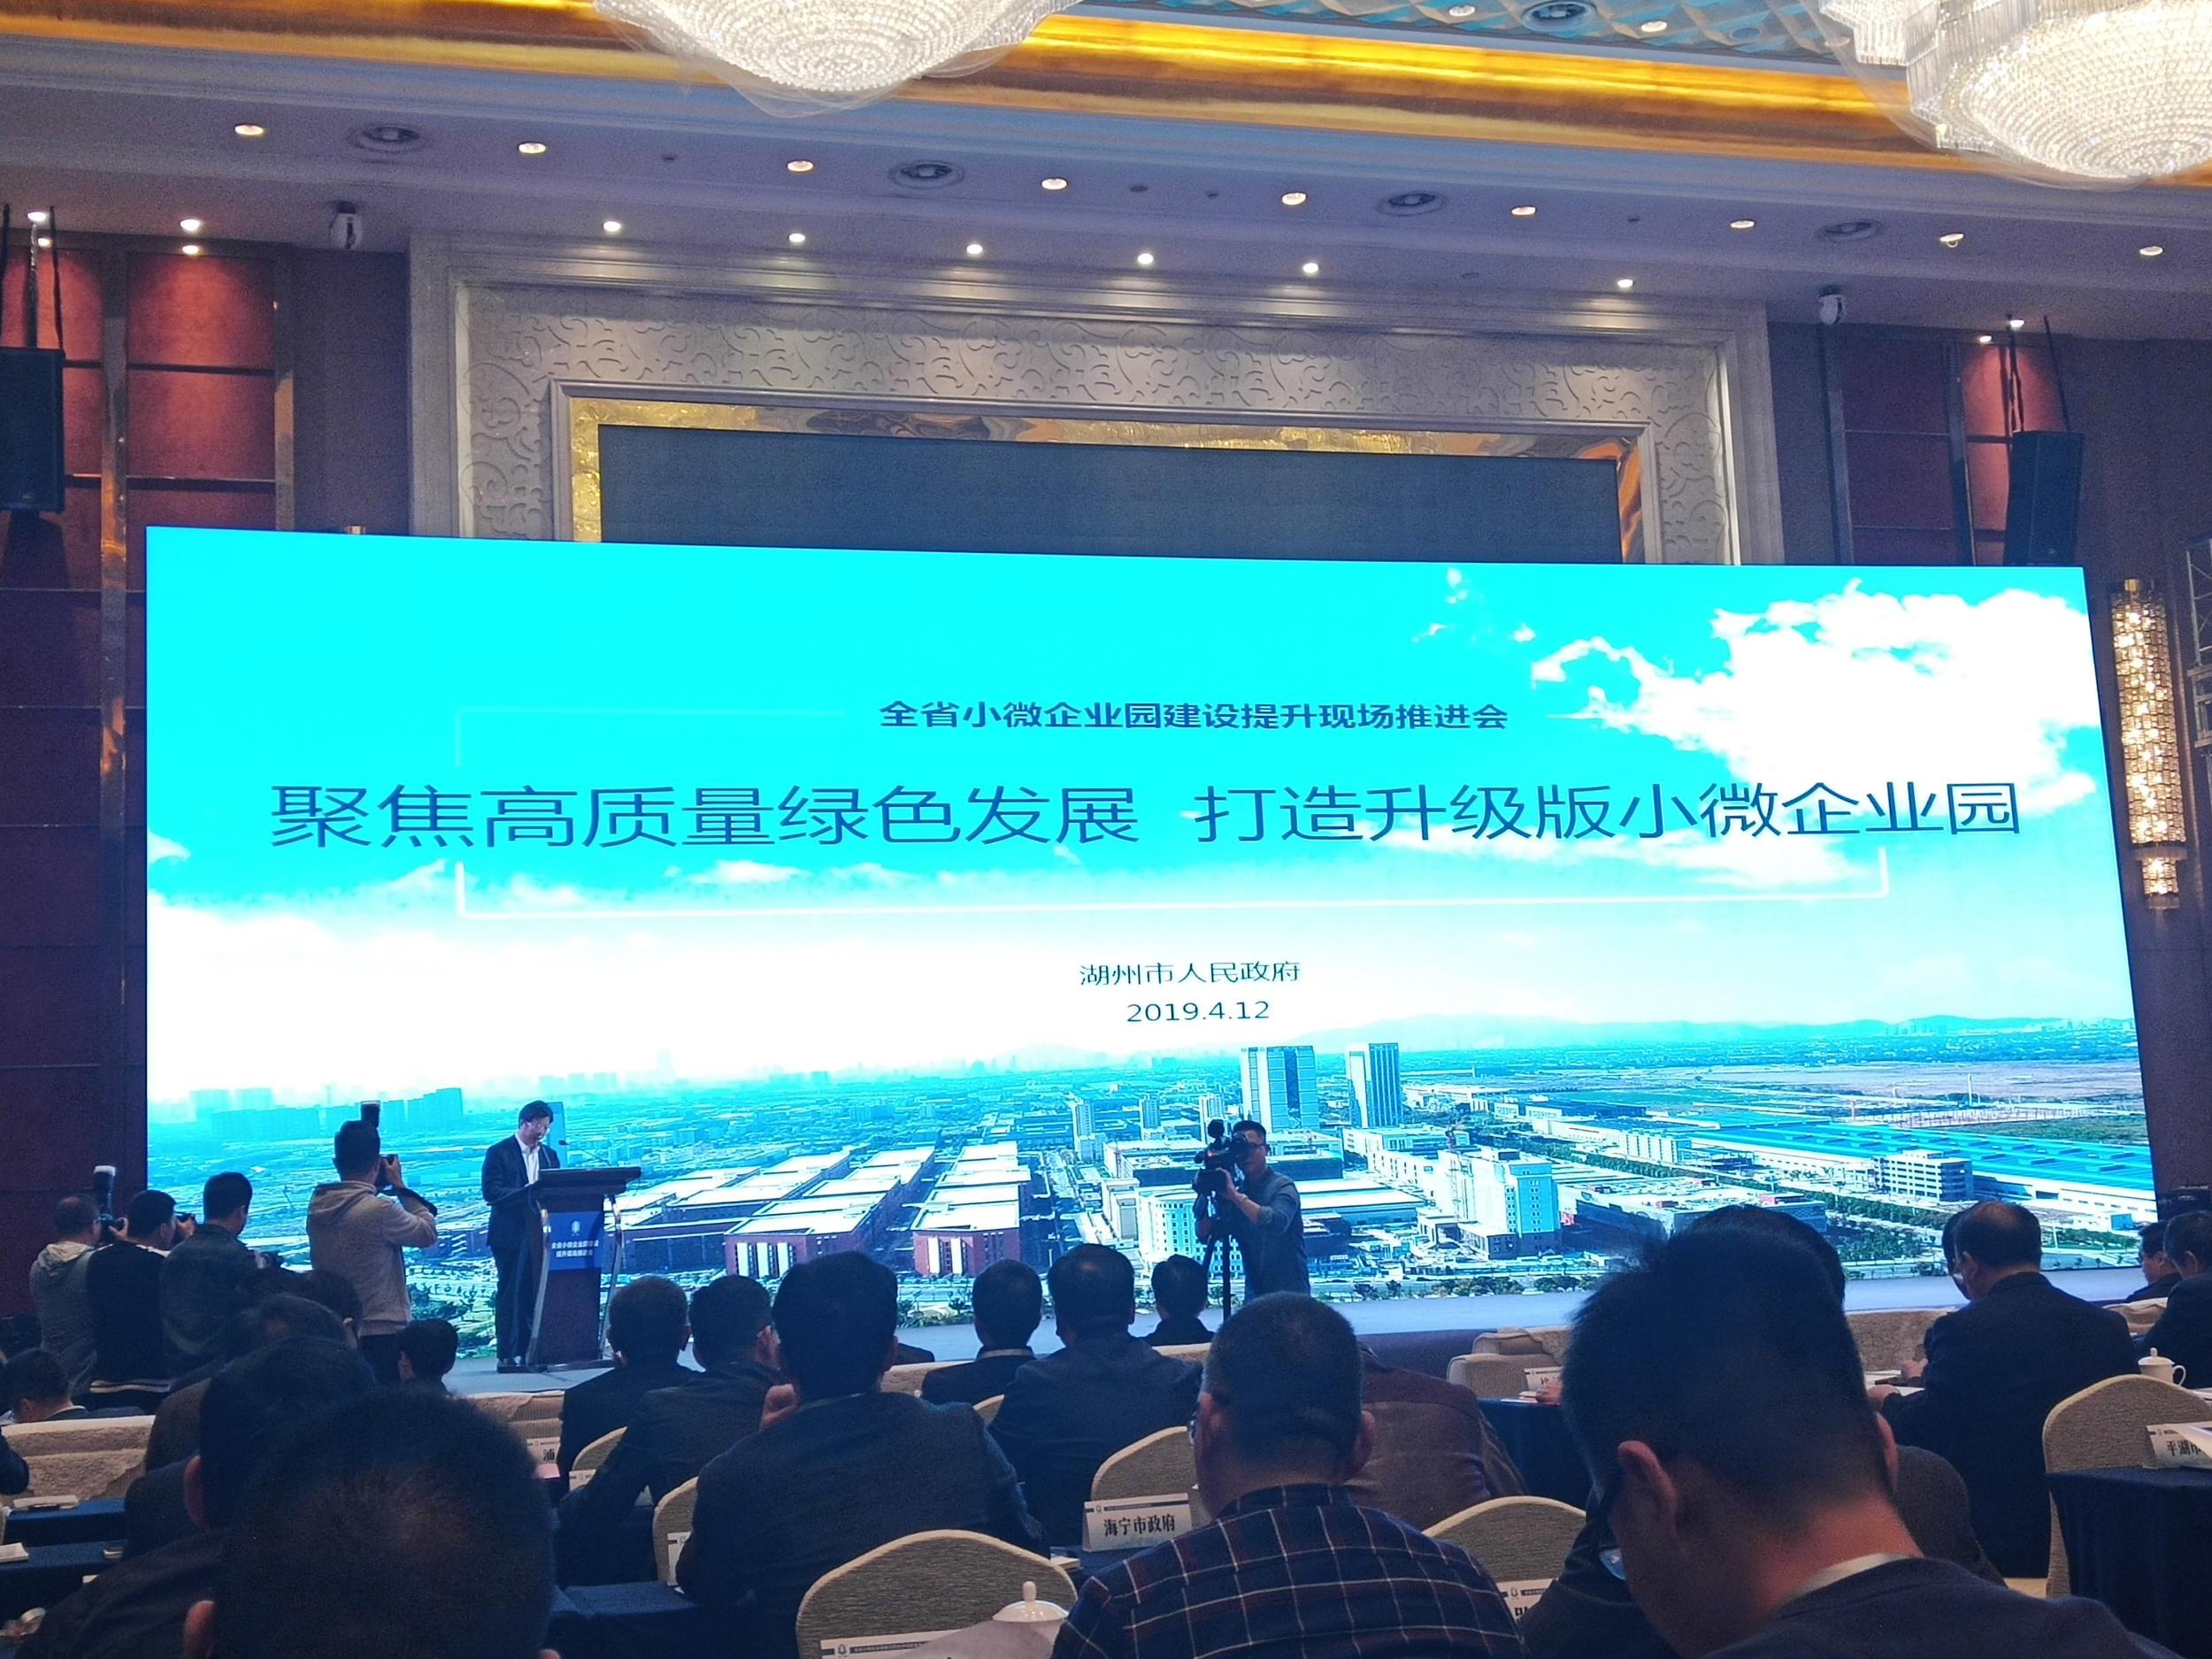 浙江今年将新增小微企业园200个以上